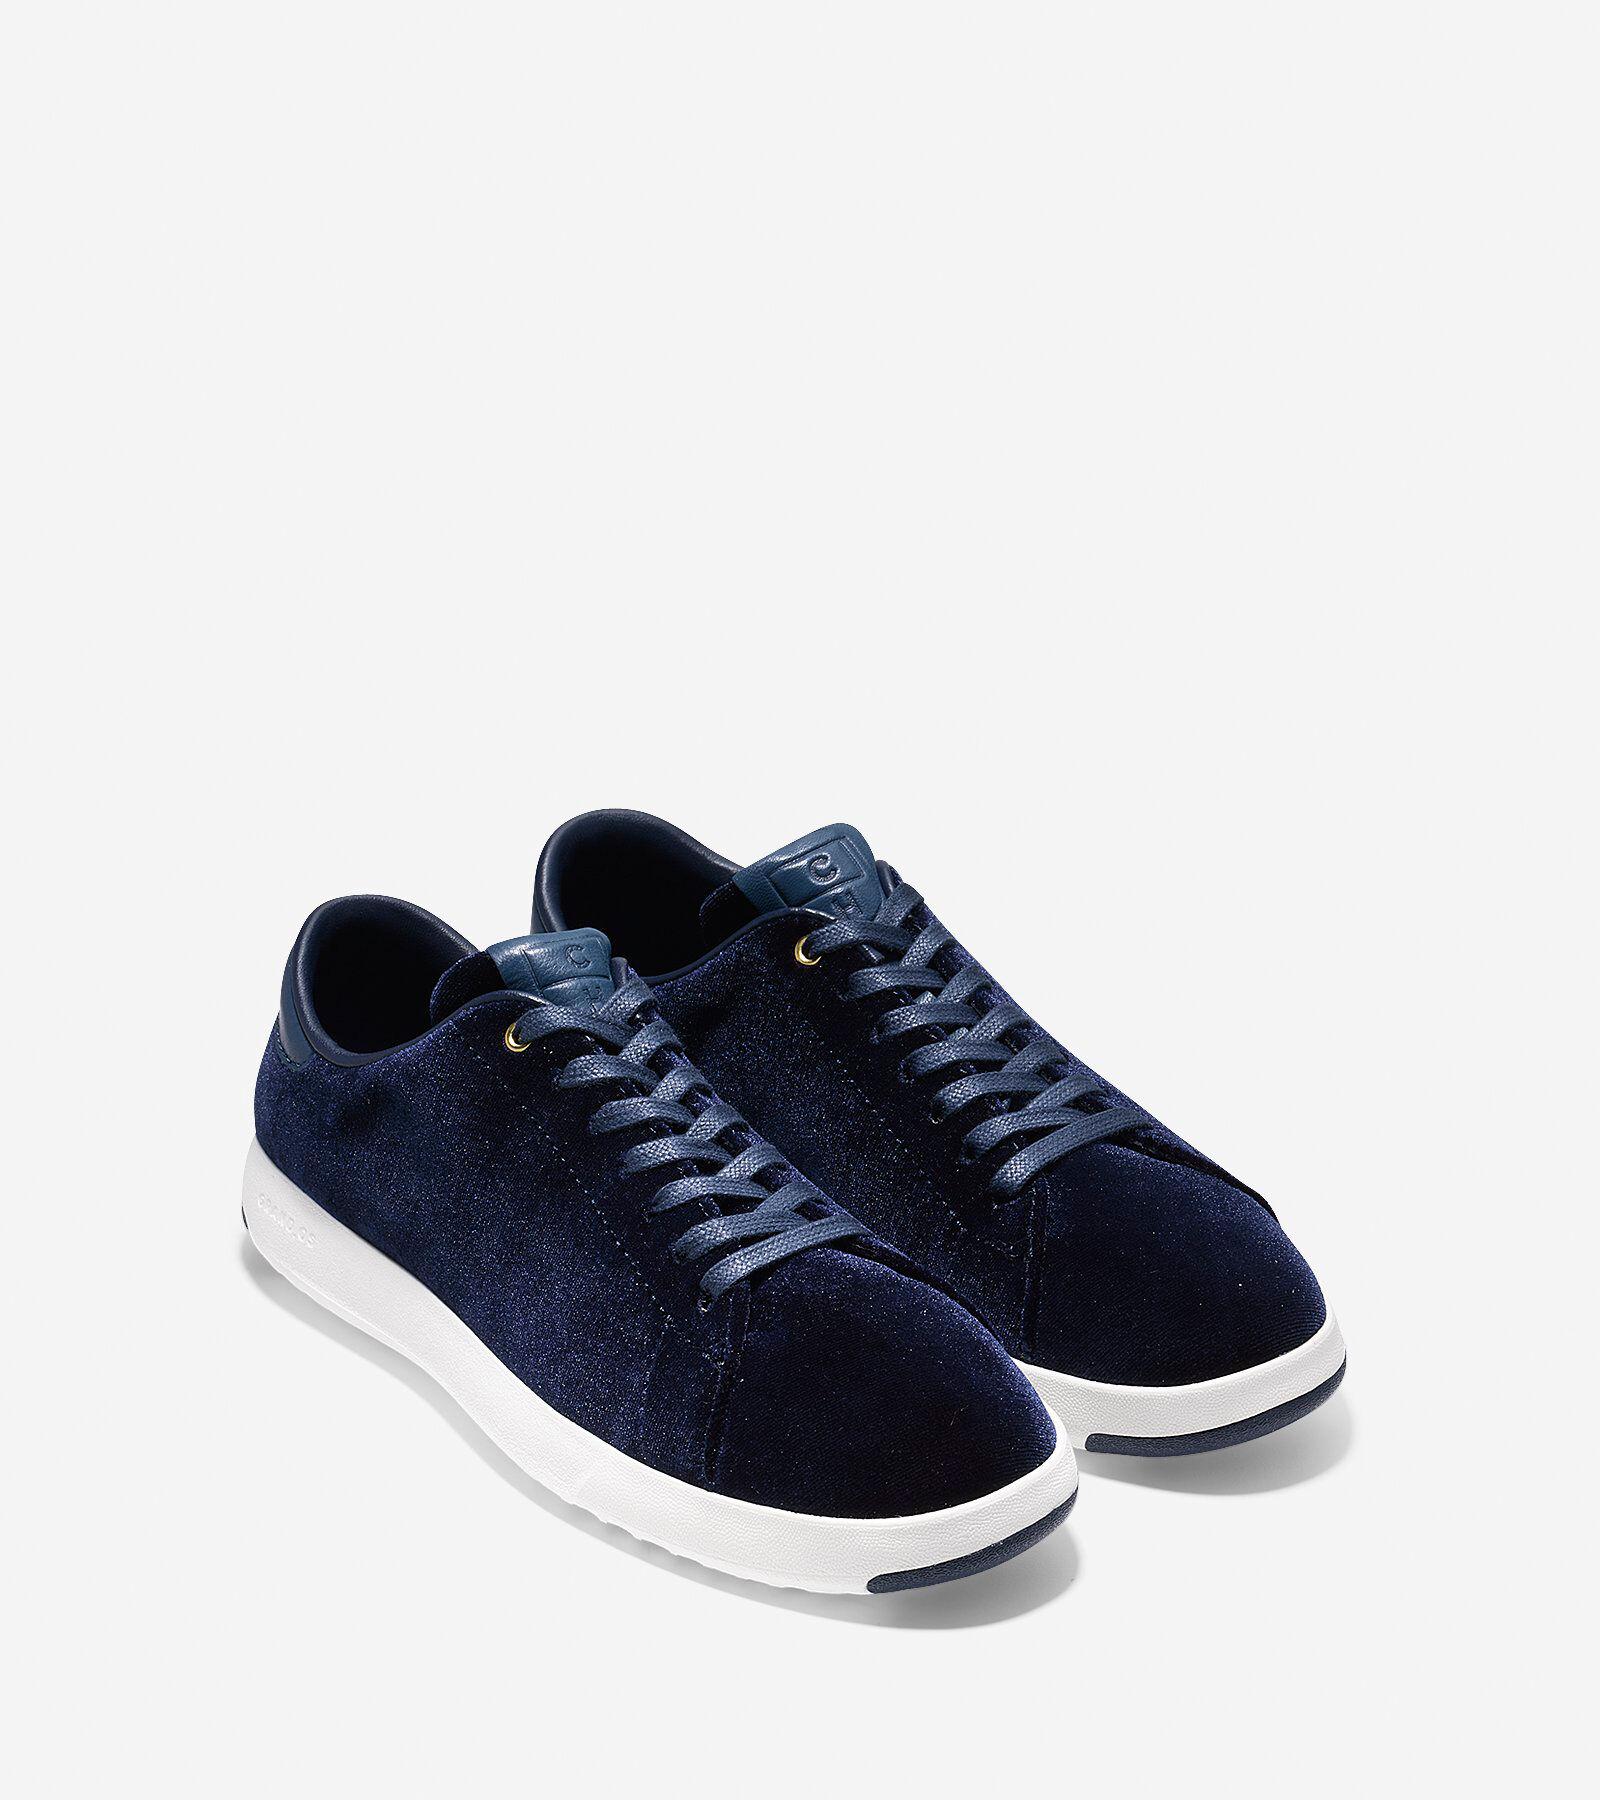 Cole Haan Grandpro Velvet Tennis Sneakers UgJVrm4Q